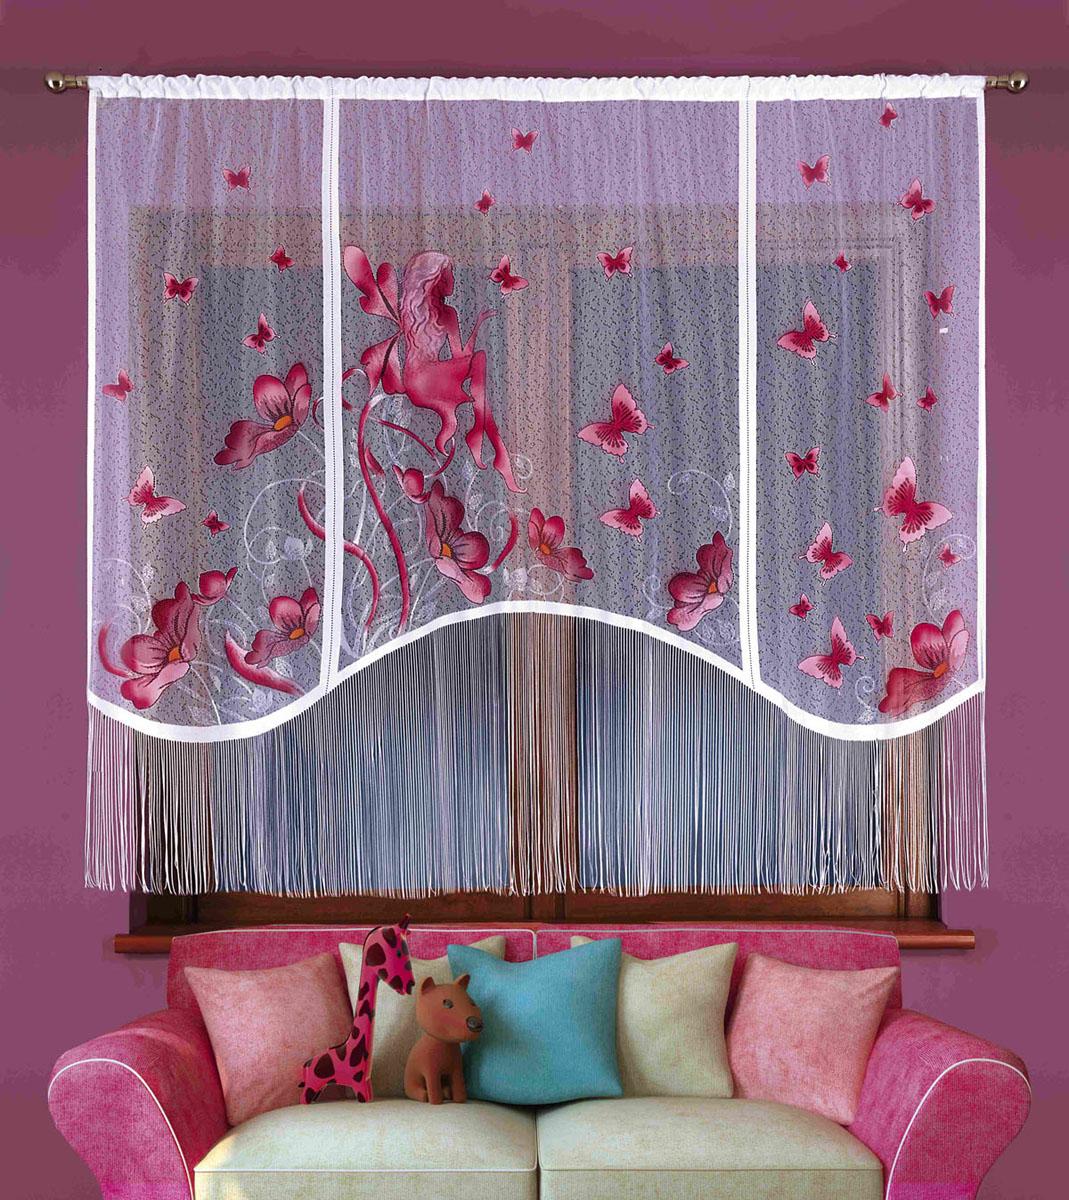 Гардина Elfik, на кулиске, цвет: белый, высота 180 см724918Воздушная гардина Elfik, изготовленная из полиэстера белого цвета, станет великолепным украшением любого окна. Нижняя часть гардины декорирована бахромой. Тонкое плетение и рисунок в виде бордовых бабочек привлекут к себе внимание и органично впишутся в интерьер. Верхняя часть гардины оснащена кулиской для крепления на круглый карниз. Характеристики:Материал: 100% полиэстер. Цвет: белый. Высота кулиски: 6 см. Размер упаковки:26 см х 5 см х 36 см. Артикул: 724918.В комплект входит: Гардина - 1 шт. Размер (ШхВ): 220 см х 180 см. Фирма Wisan на польском рынке существует уже более пятидесяти лет и является одной из лучших польских фабрик по производству штор и тканей. Ассортимент фирмы представлен готовыми комплектами штор для гостиной, детской, кухни, а также текстилем для кухни (скатерти, салфетки, дорожки, кухонные занавески). Модельный ряд отличает оригинальный дизайн, высокое качество. Ассортимент продукции постоянно пополняется.